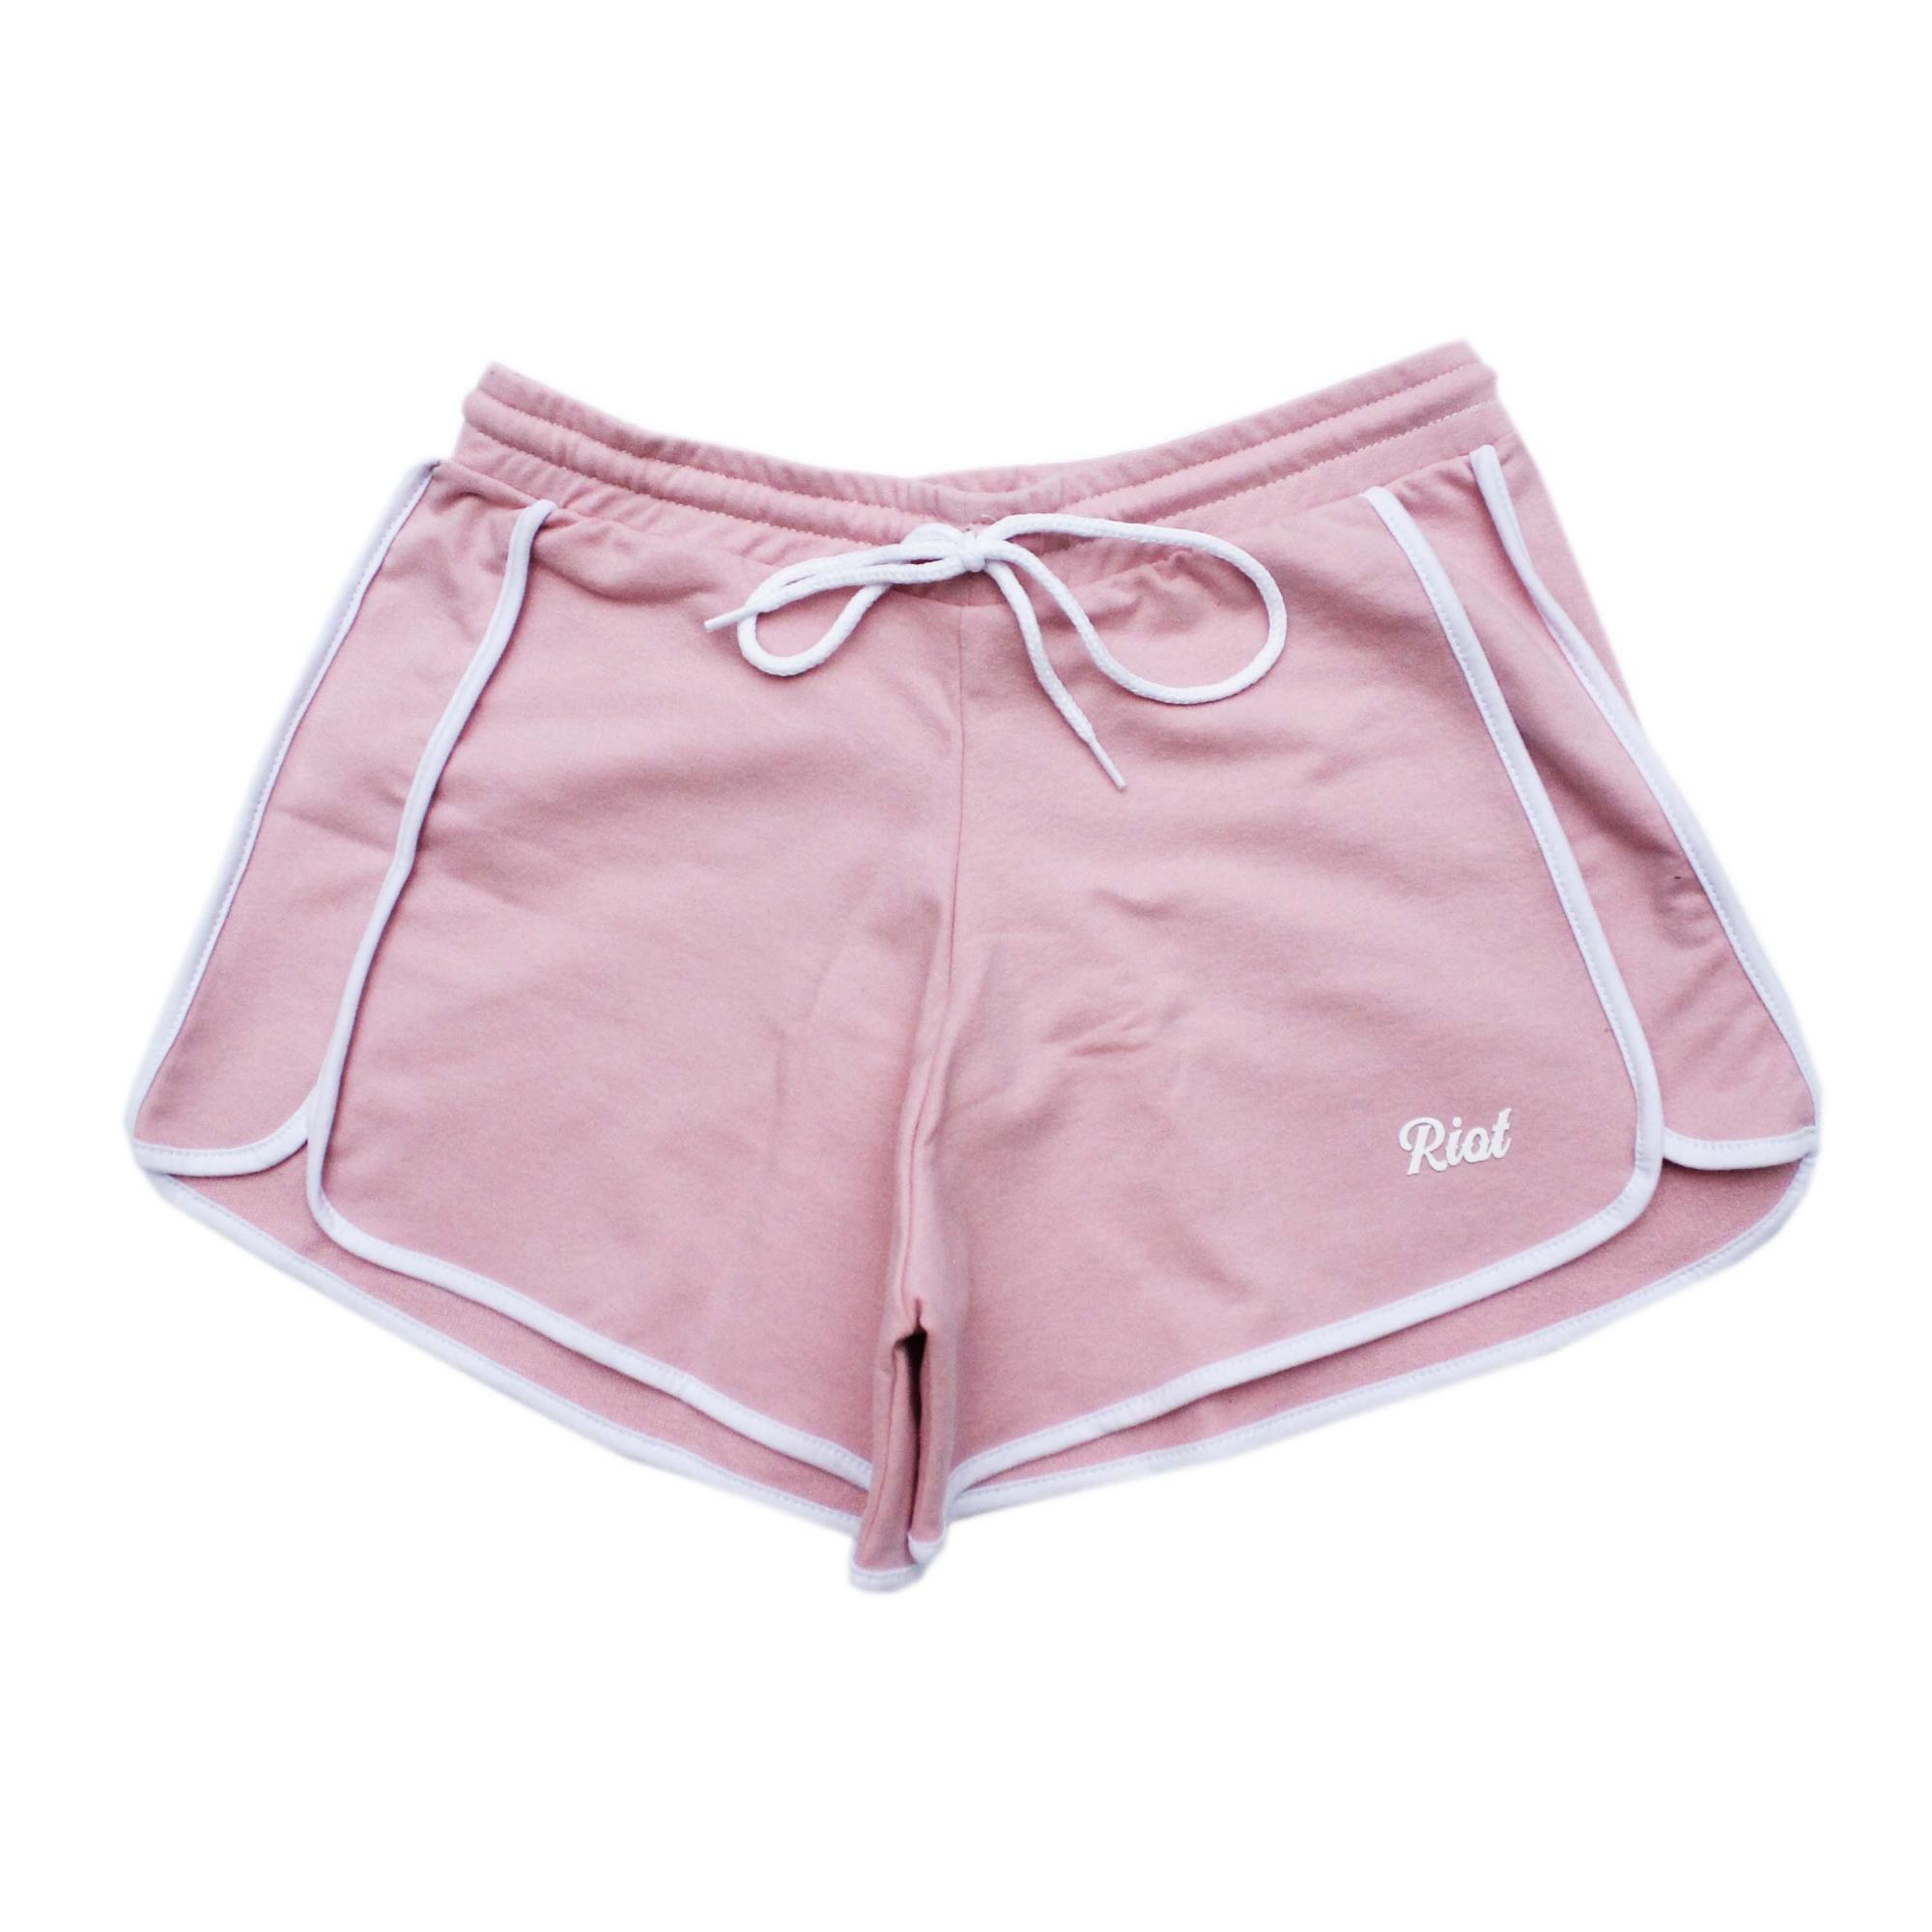 Shorts Riot Runner - Rosa/Branco